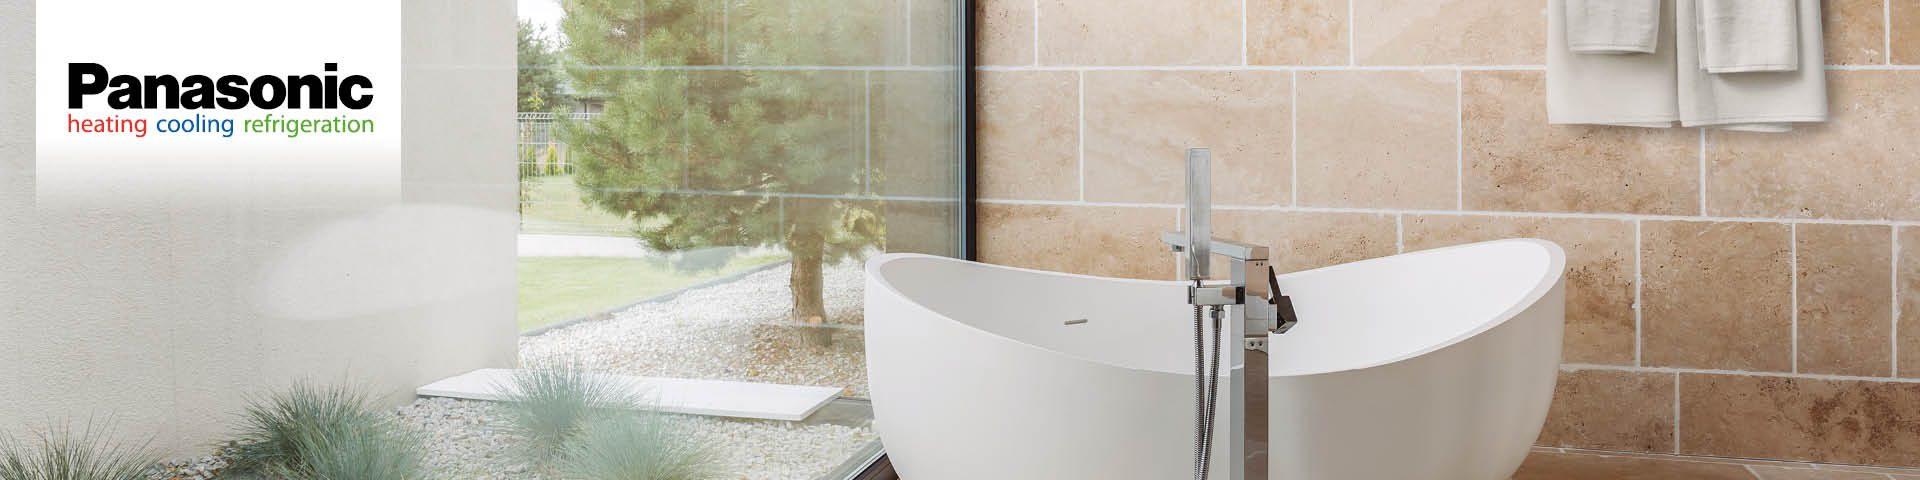 Panasonic Aquarea gamma bij Frigro - lucht-water warmtepompen